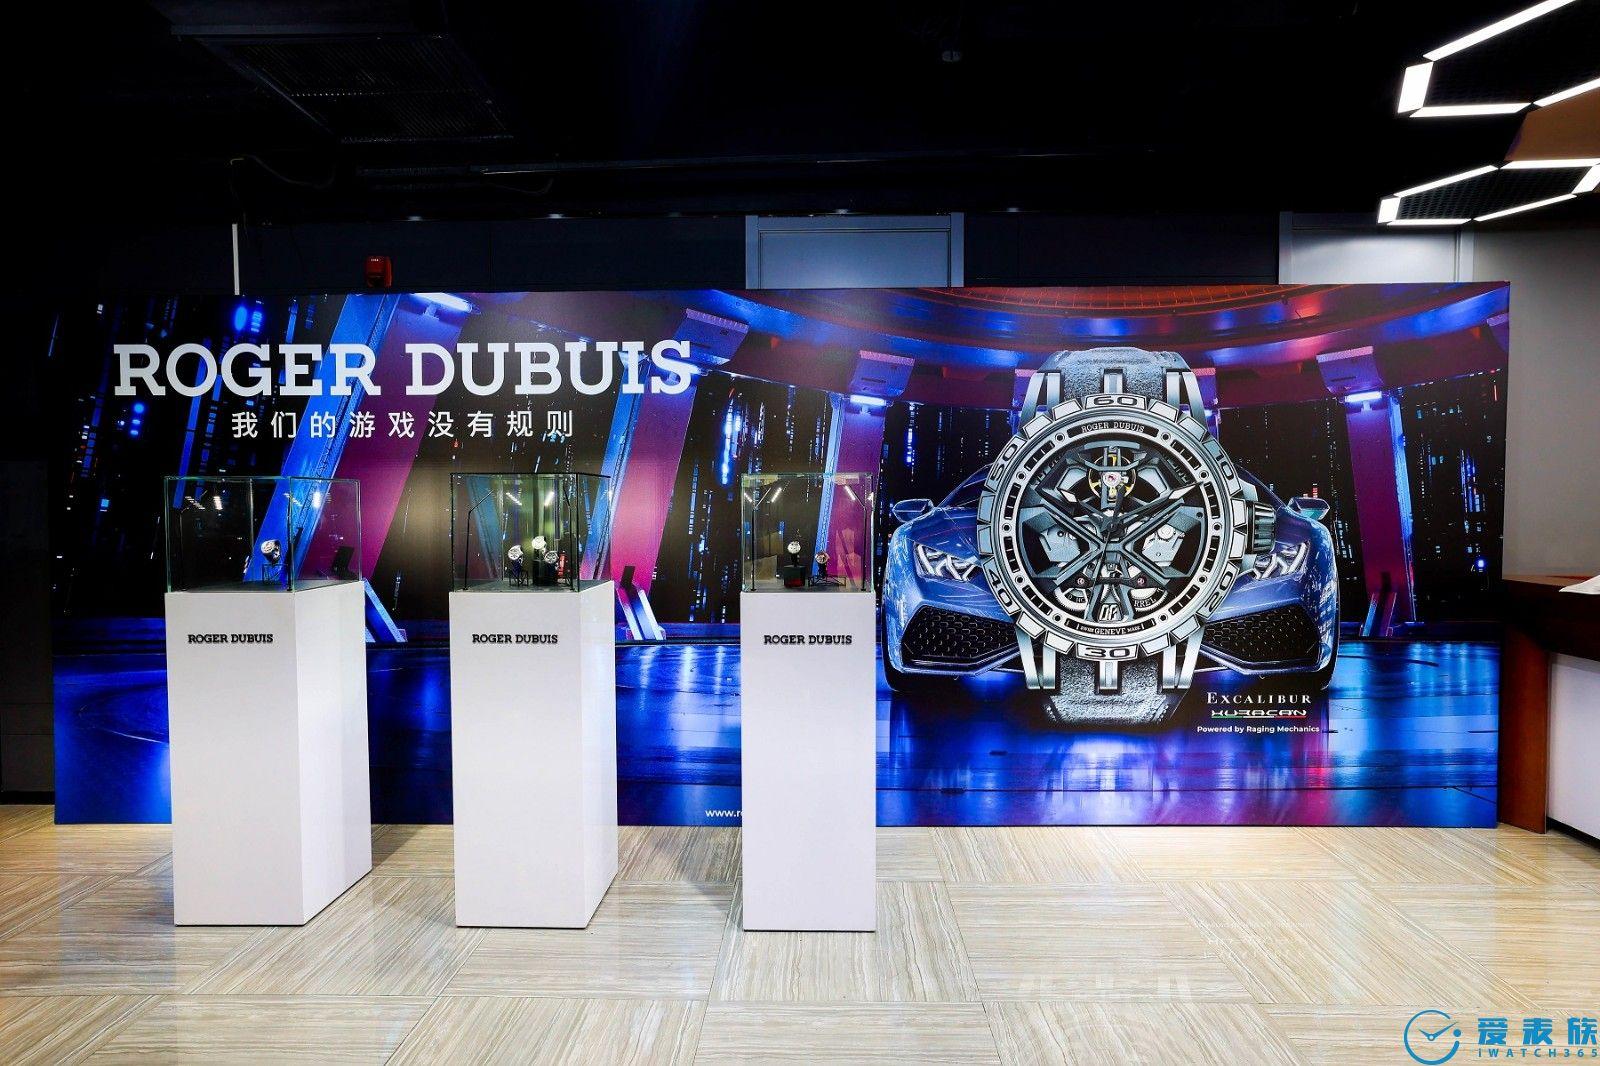 參與電競 致敬英雄 Roger Dubuis羅杰杜彼英雄聯盟職業聯賽LPL體驗日